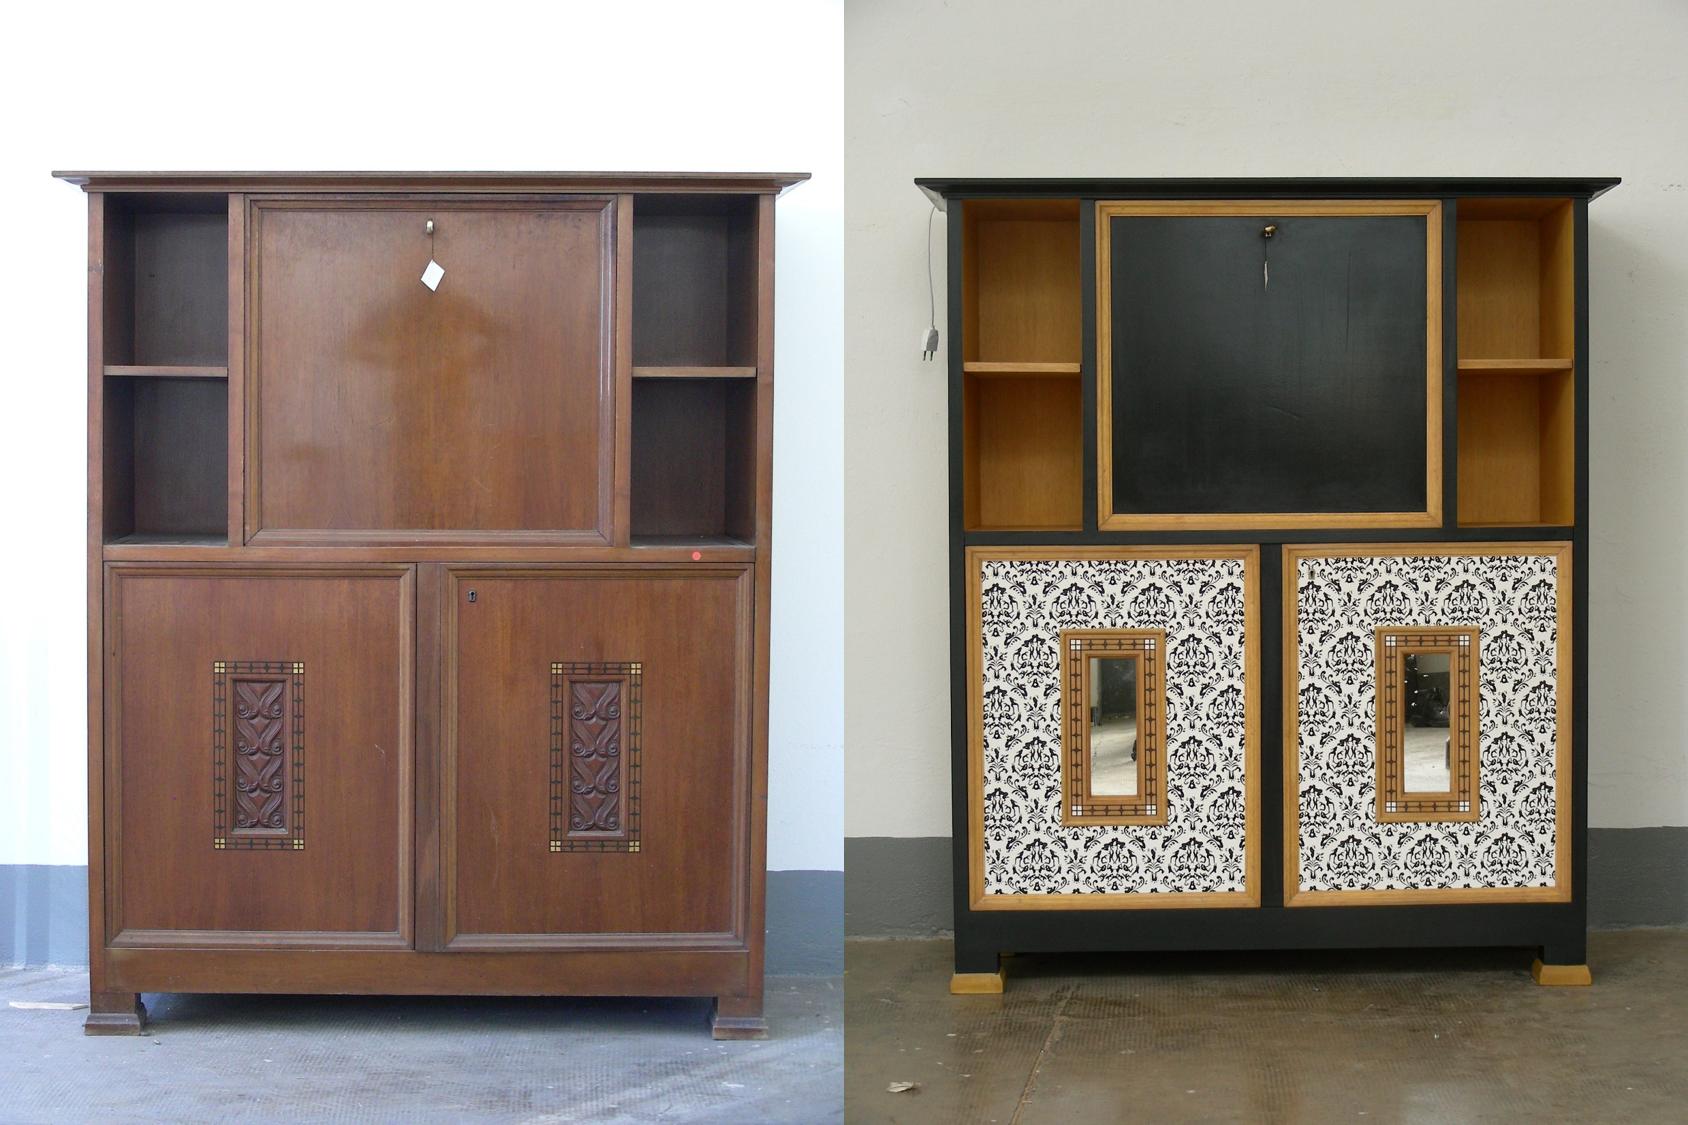 Restaurare Tavolo Legno Rovinato restauro mobili in legno a milano (con immagini